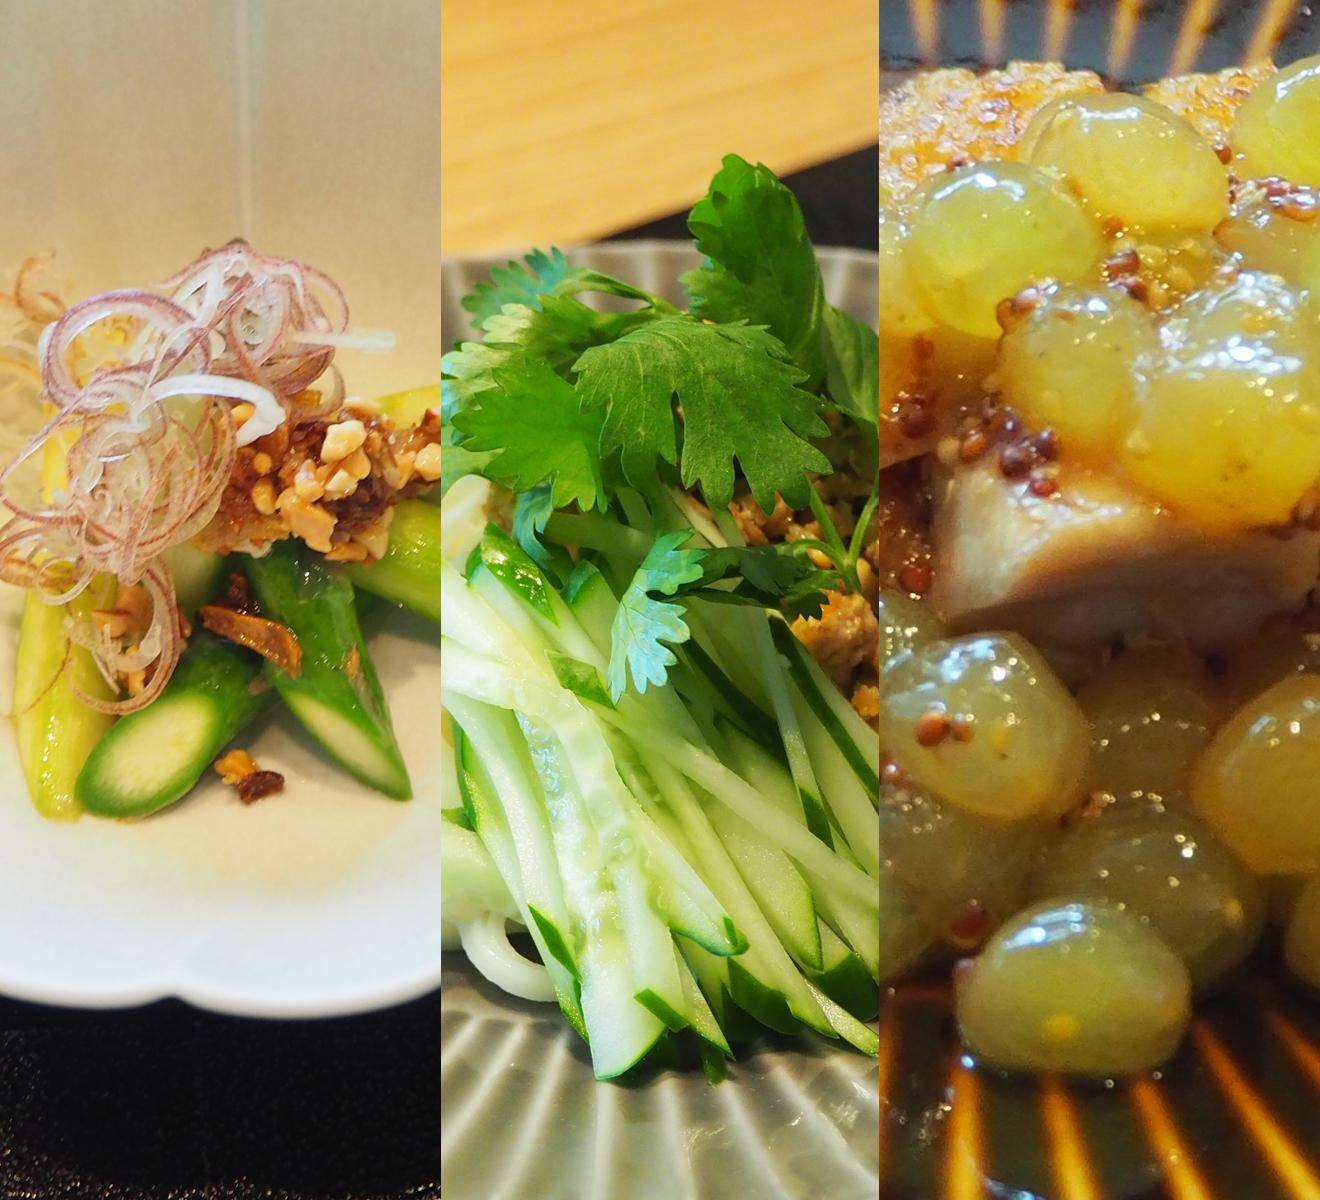 7月料理セミナー   「夏に効く麺料理」の受付を開始します